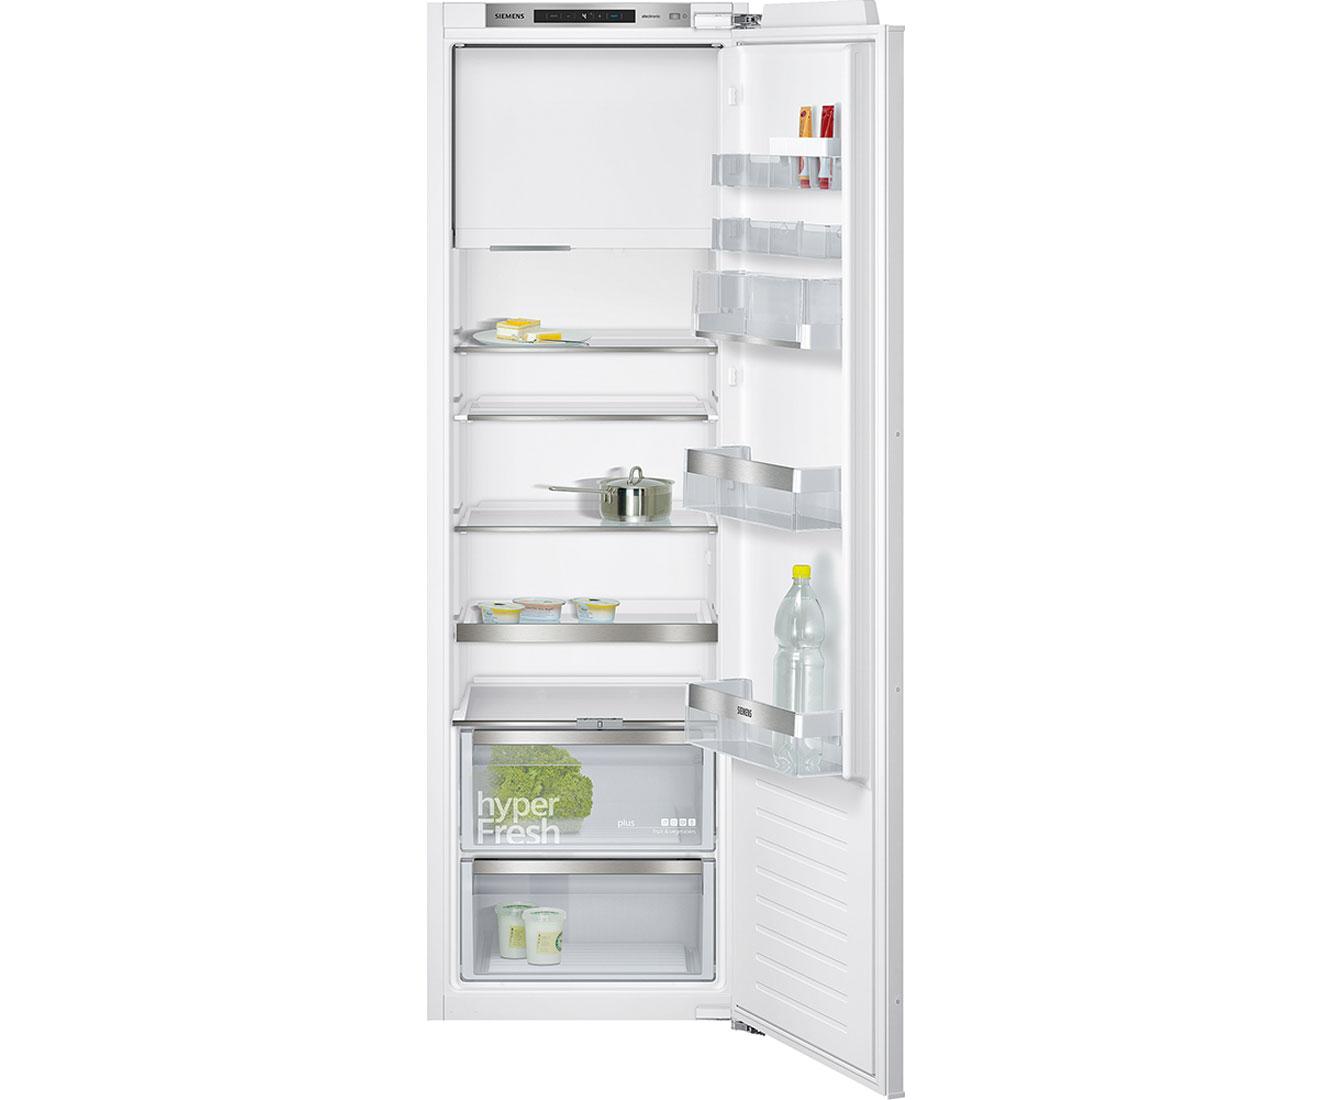 siemens ki82lad30 einbau kühlschrank mit gefrierfach 178er